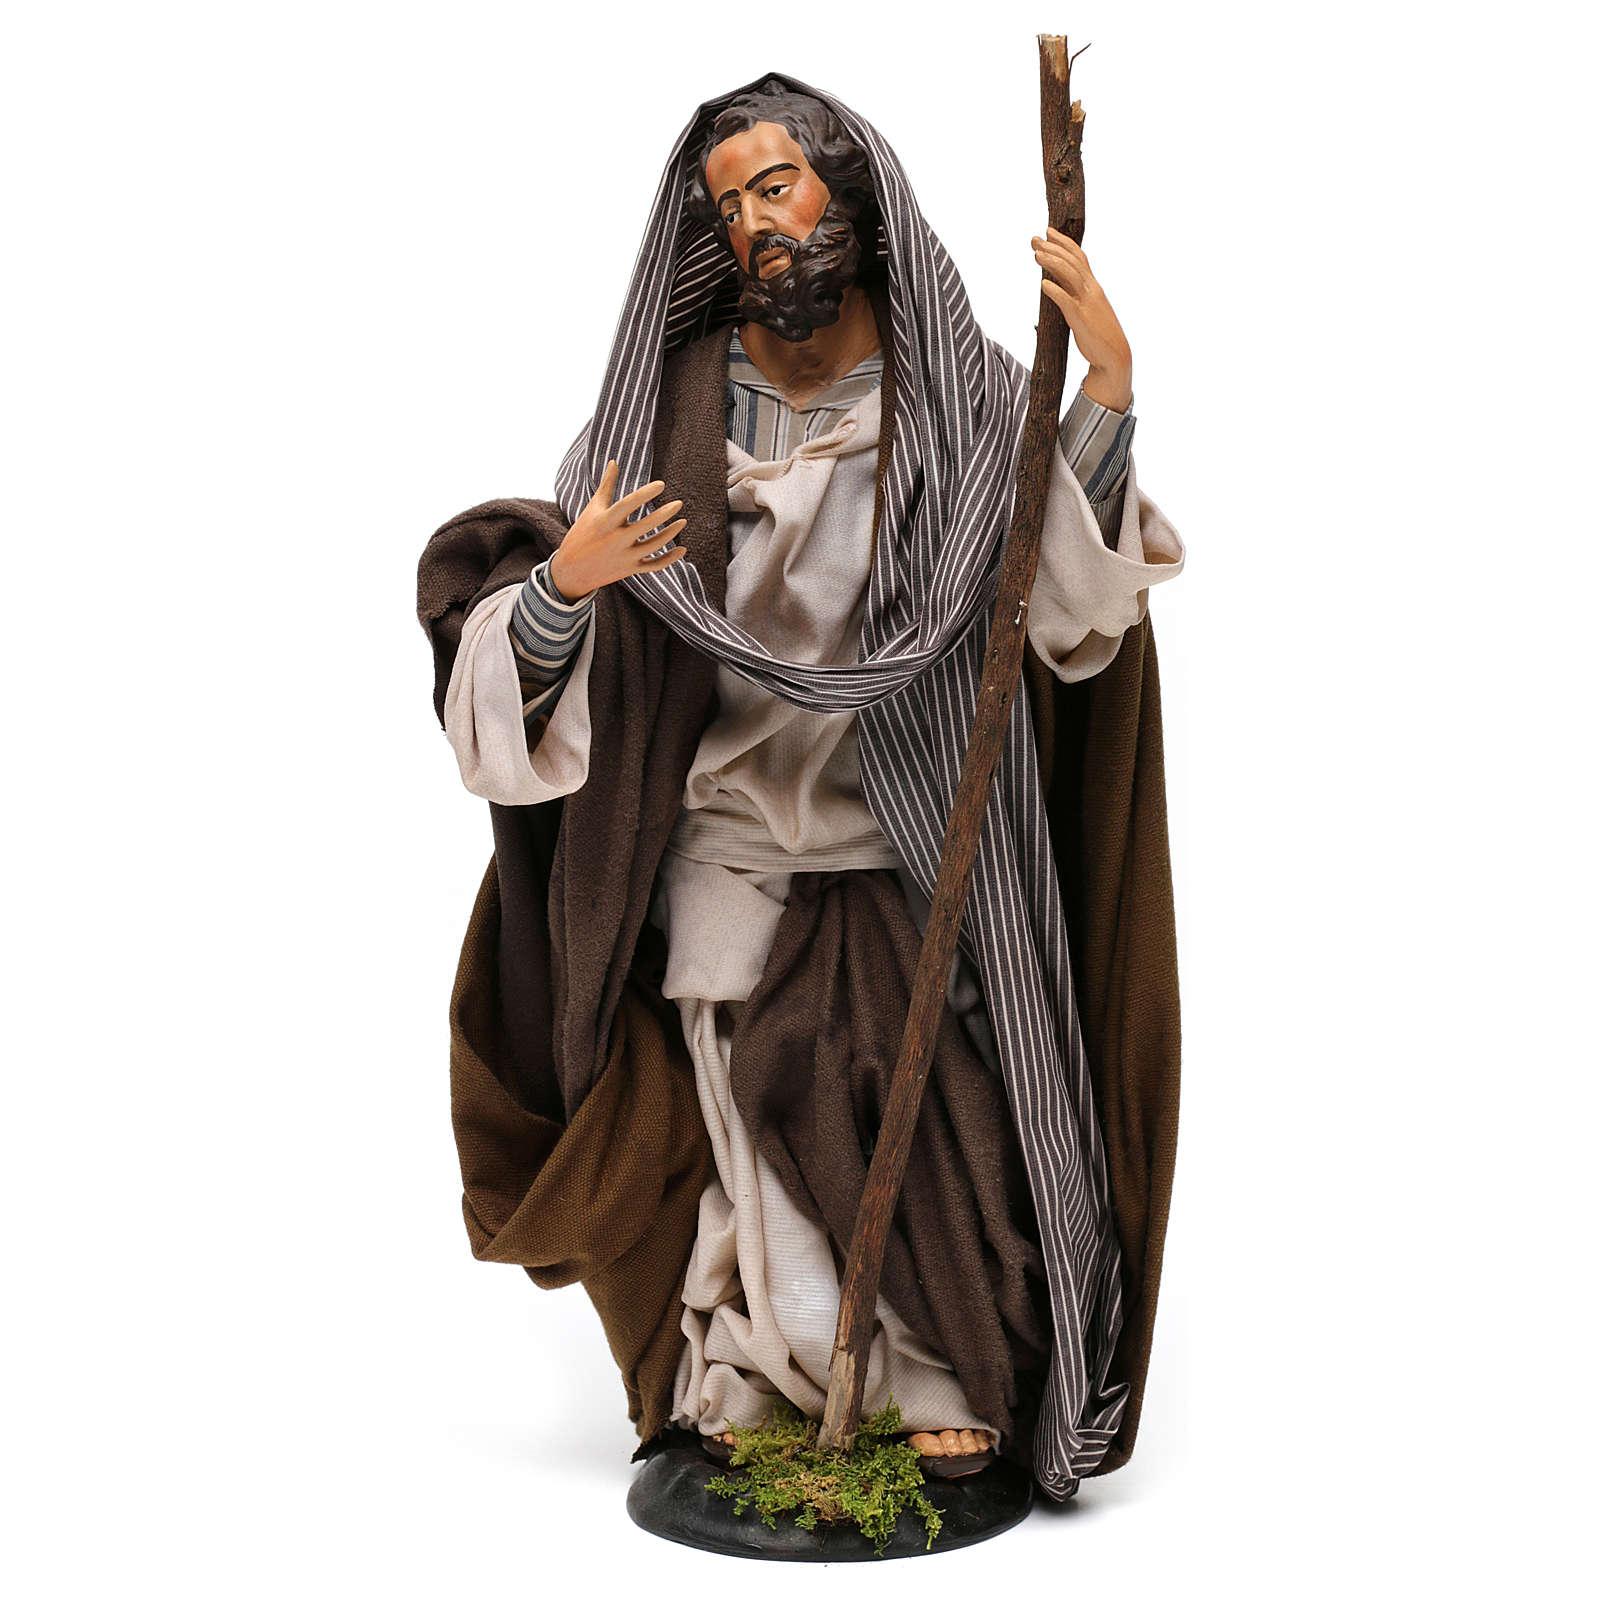 San José de terracota para belén Nápoles estilo 700 de 30 cm de altura media 4